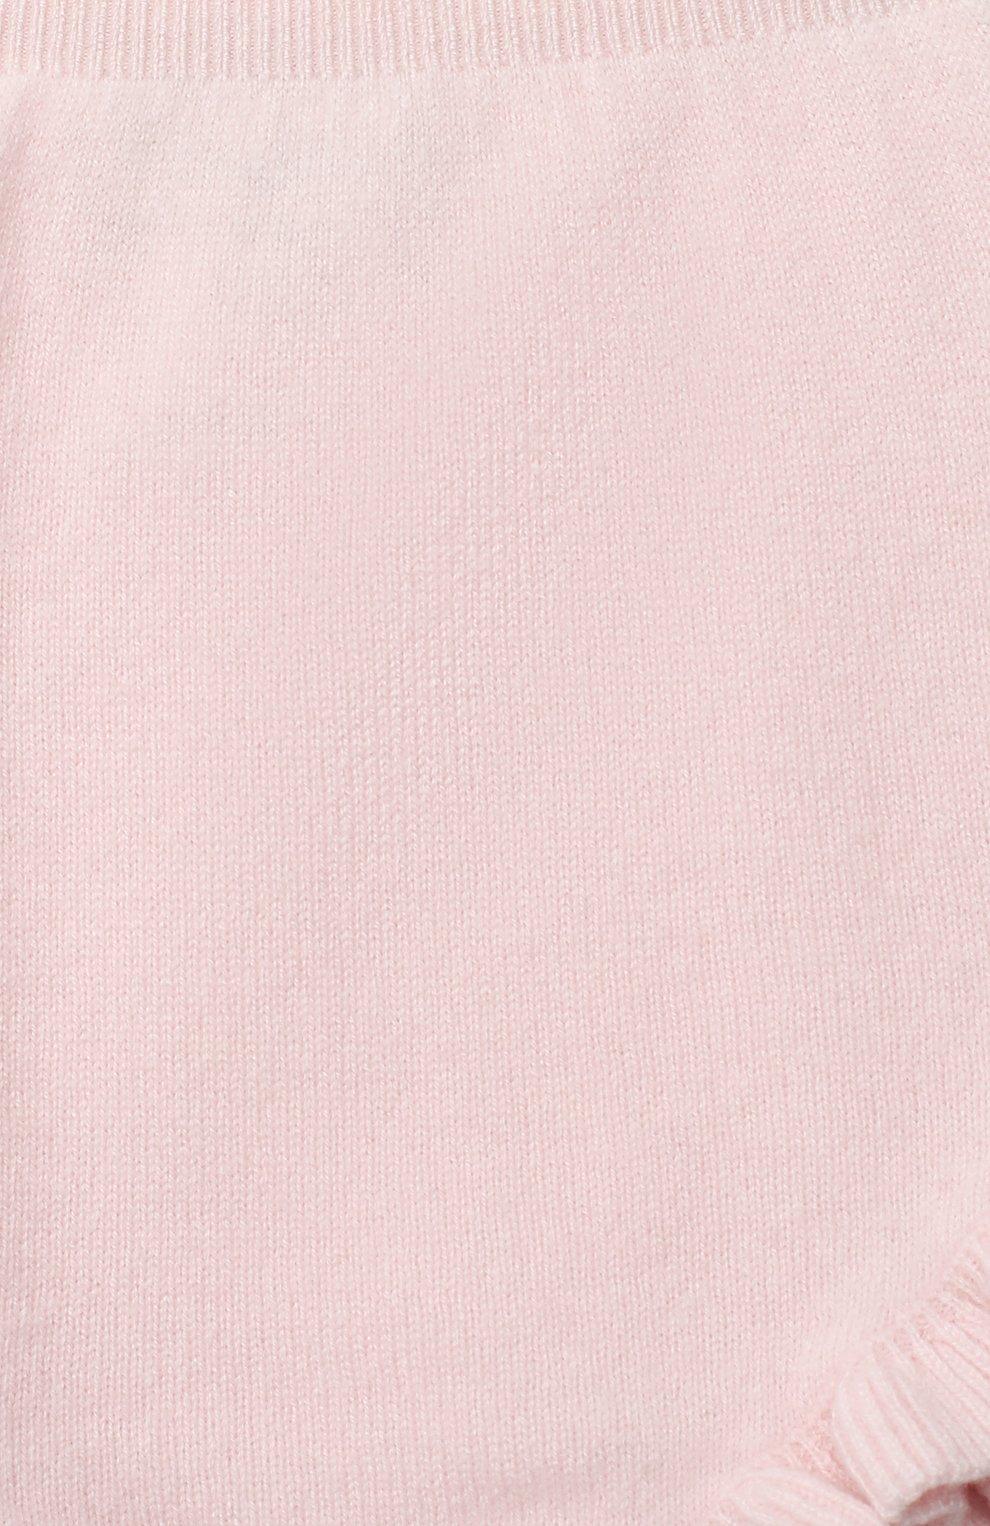 Детские кашемировые шорты LES LUTINS PARIS светло-розового цвета, арт. 20H077/AGNES | Фото 3 (Материал внешний: Шерсть, Кашемир; Ростовка одежда: 9 мес | 74 см, 18 мес | 86 см, 24 мес | 92 см, 3 мес | 62 см, 6 мес | 68 см)